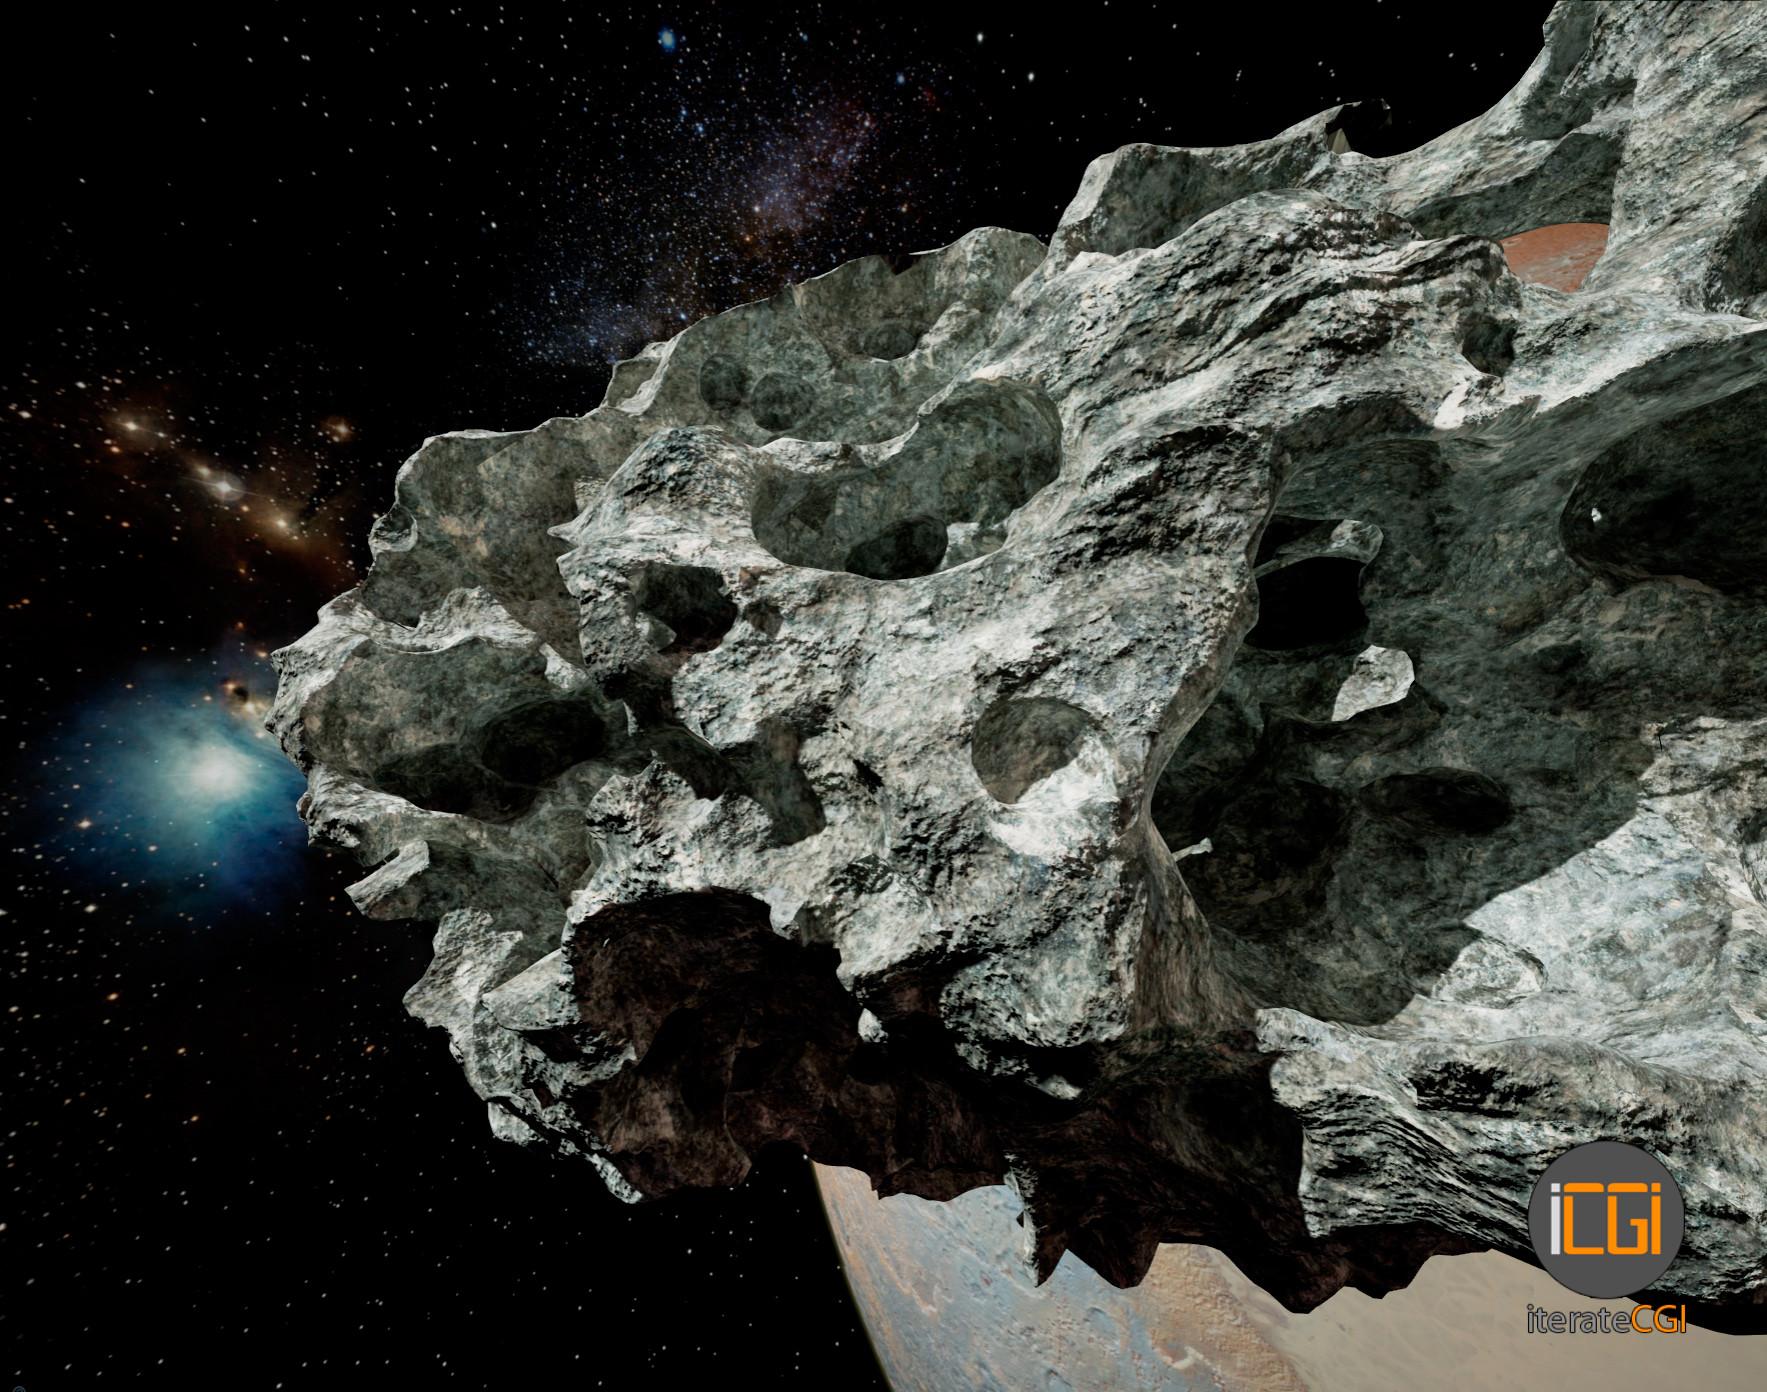 Johan de leenheer 3d asteroid game model 6